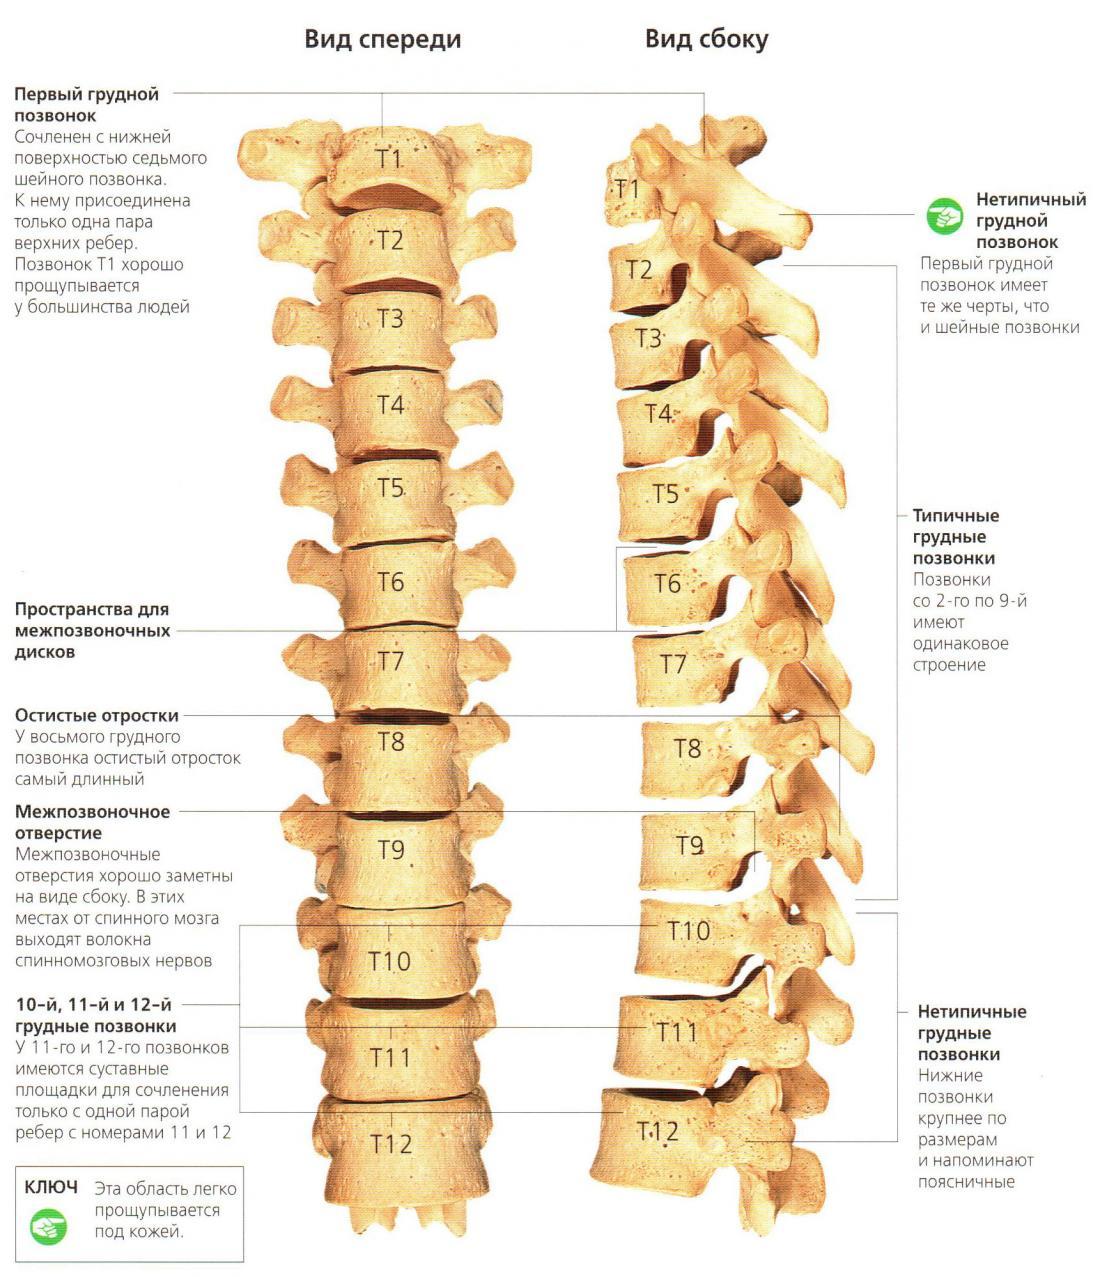 Блокировать боль спина